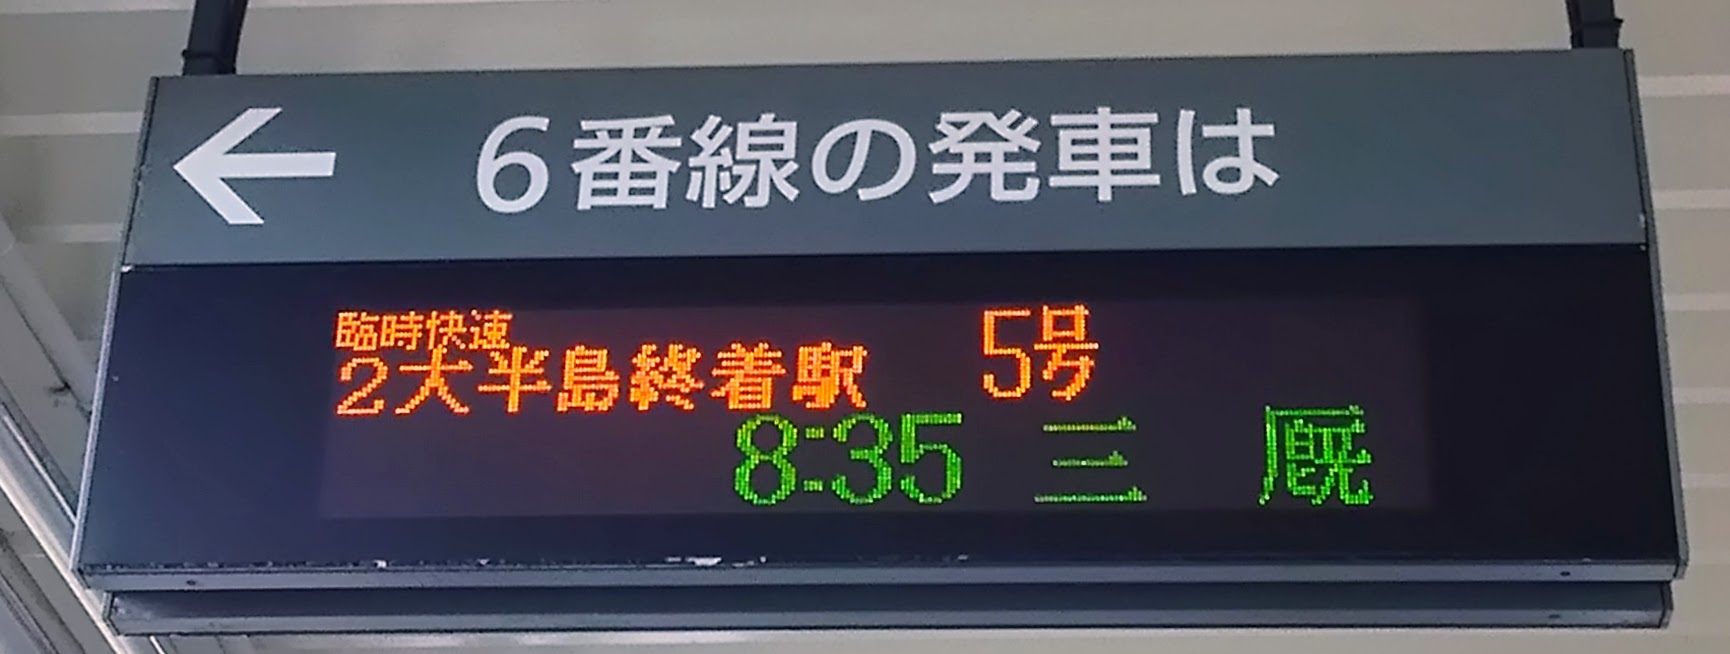 「2大半島終着駅」表示